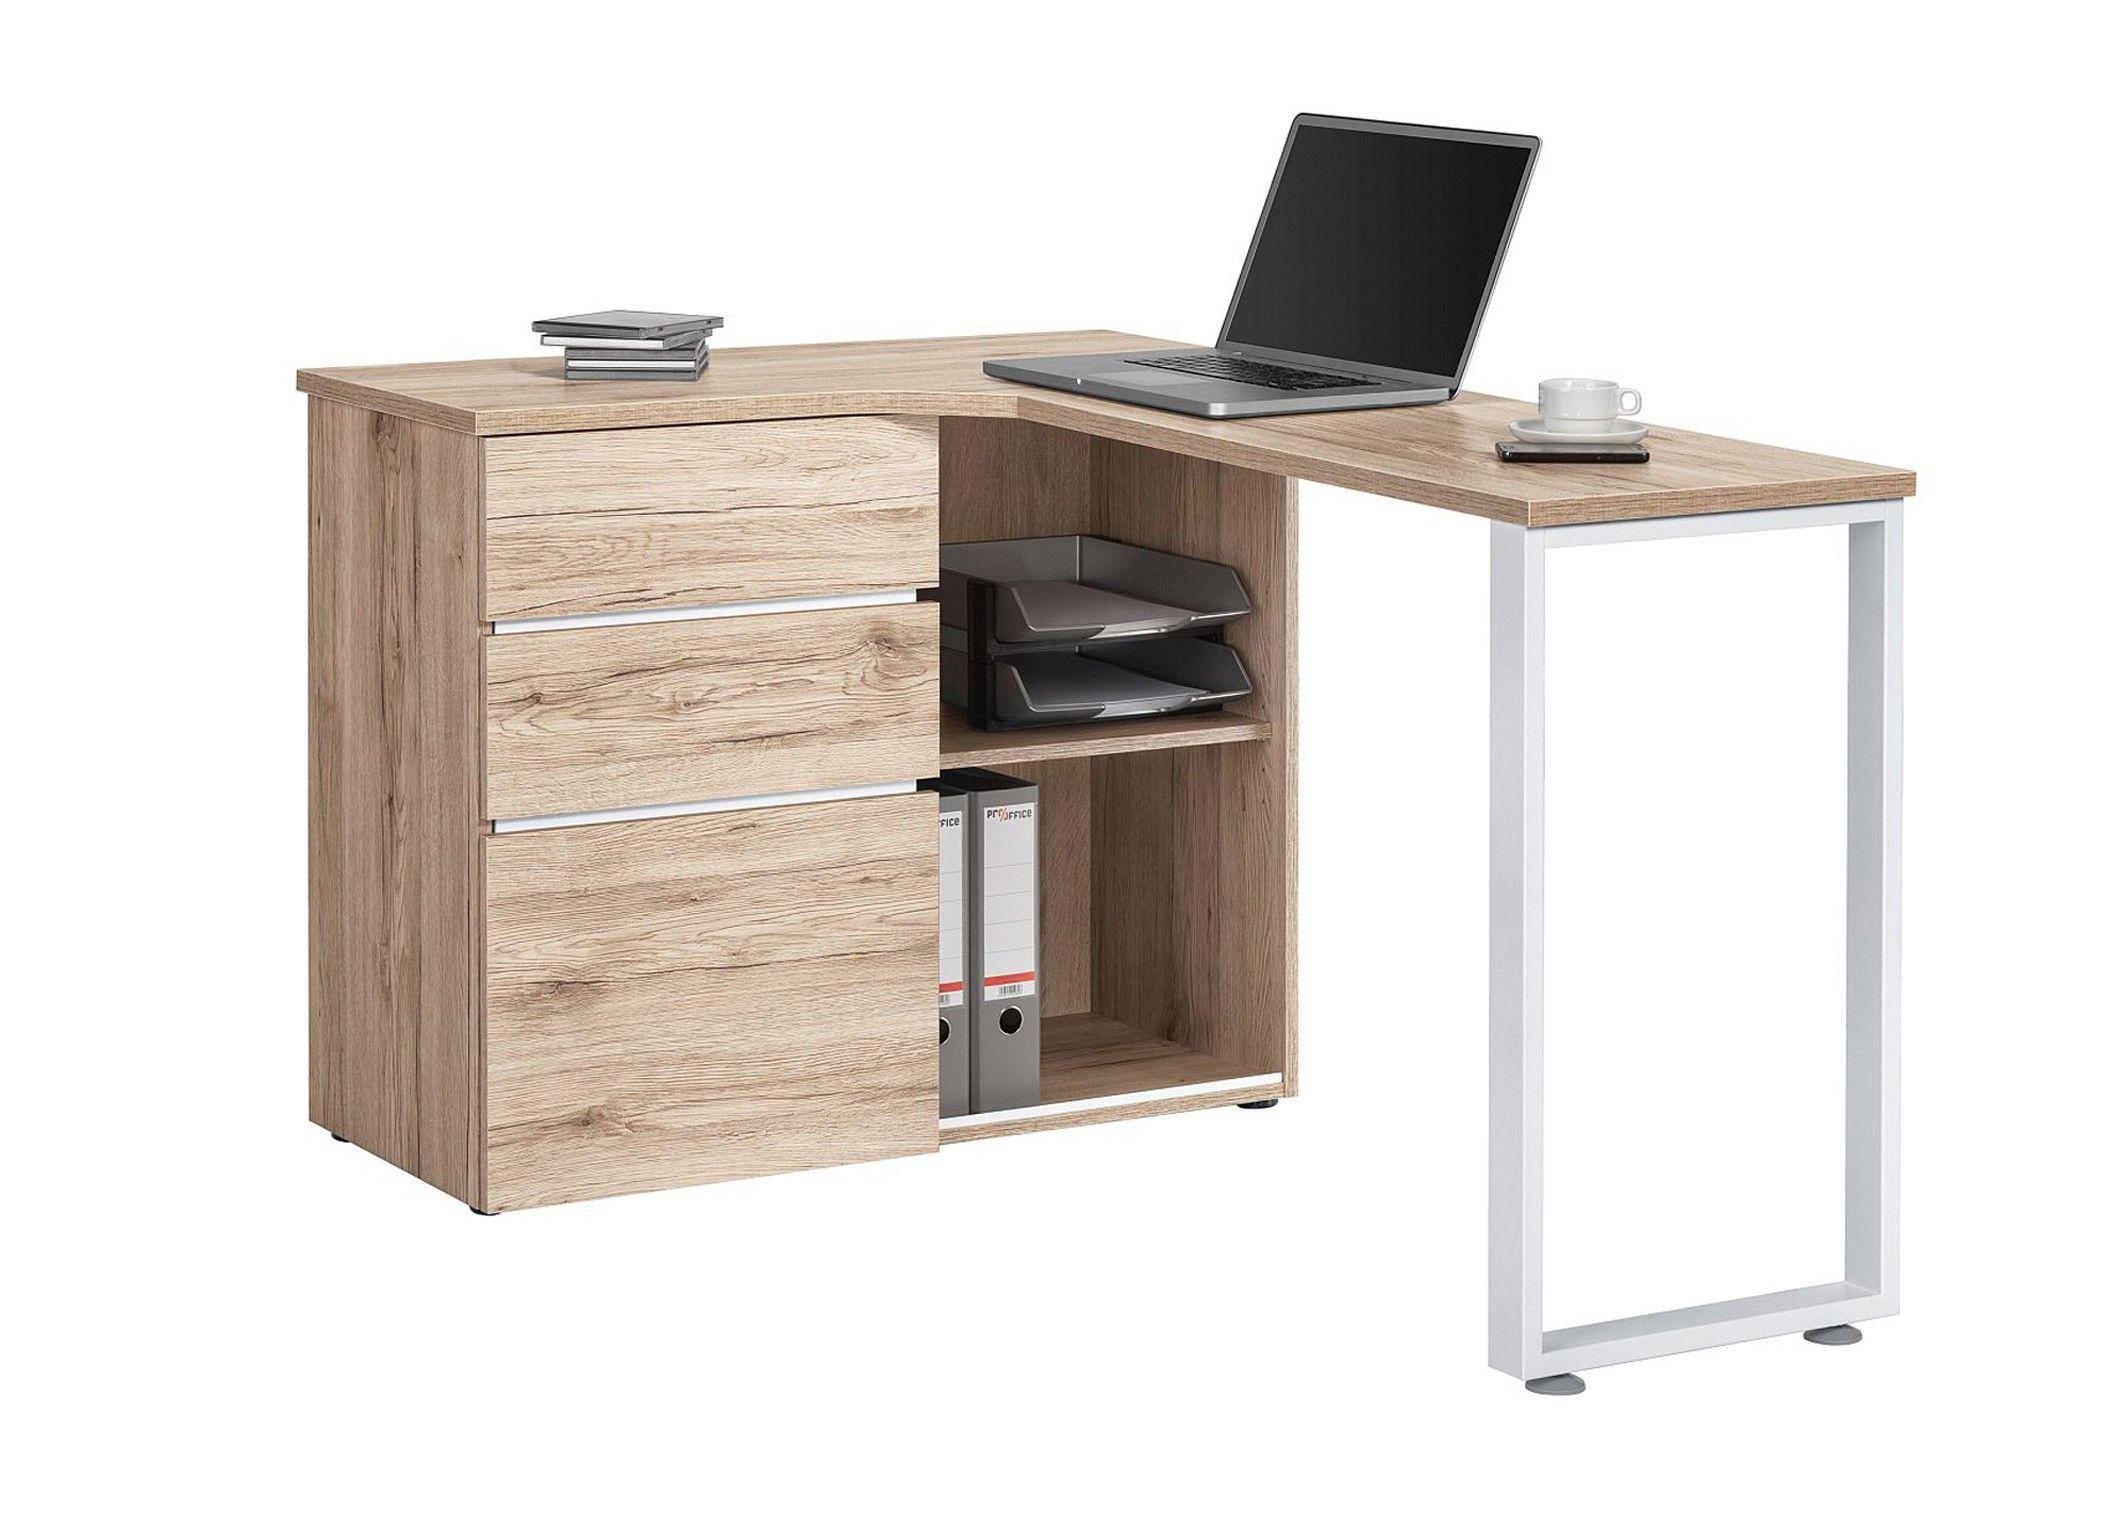 bureau informatique d 39 angle contemporain avec rangement ch ne sauvage lelia pinterest bureau. Black Bedroom Furniture Sets. Home Design Ideas